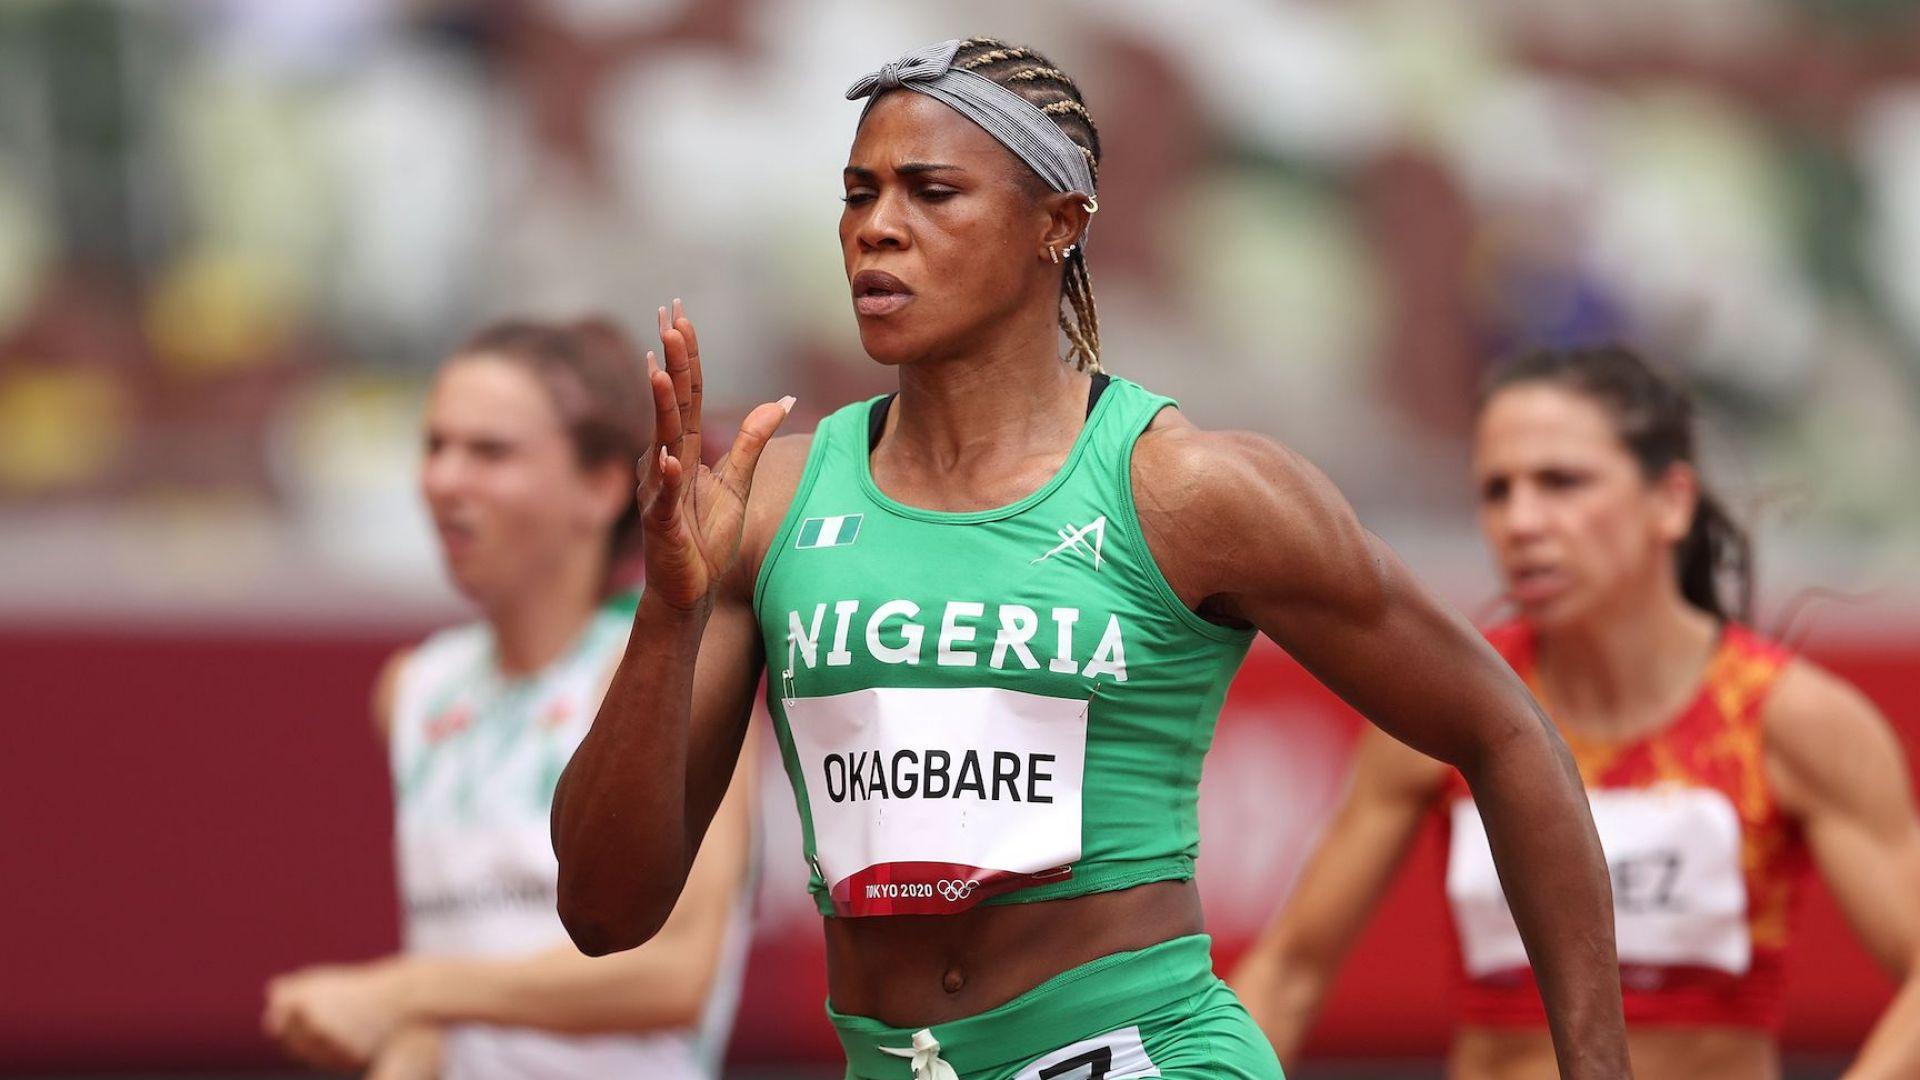 Олимпийска медалистка с второ допинг прегрешение в рамките на няколко месеца